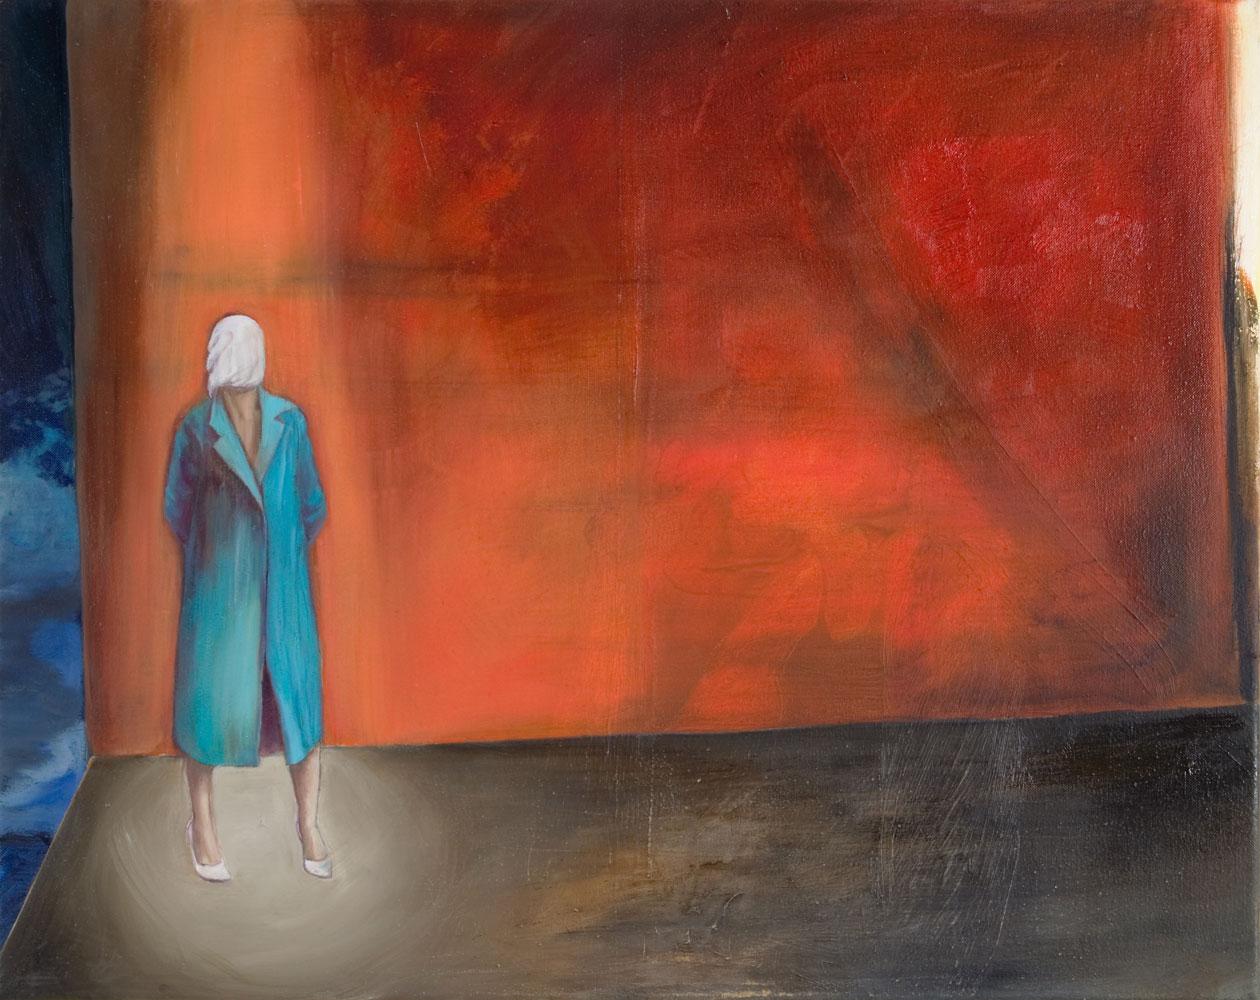 eine Frau im blauen Mantel und weißen Tuch vorm Gesicht steht vor orangeroter Wand, ein Spot auf ihr